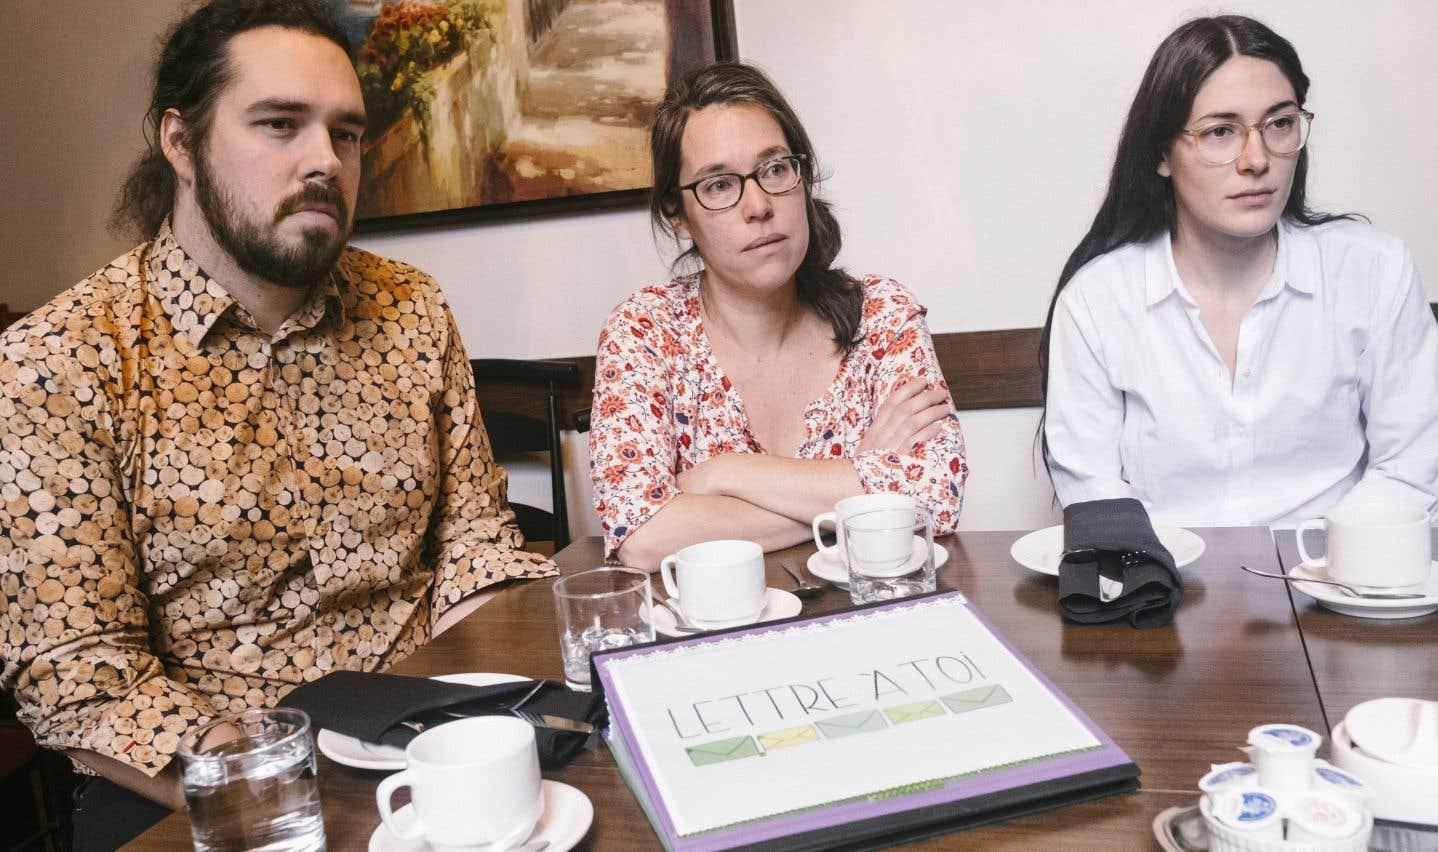 Des citoyens de Québec ont tissé des liens avec la communauté musulmane